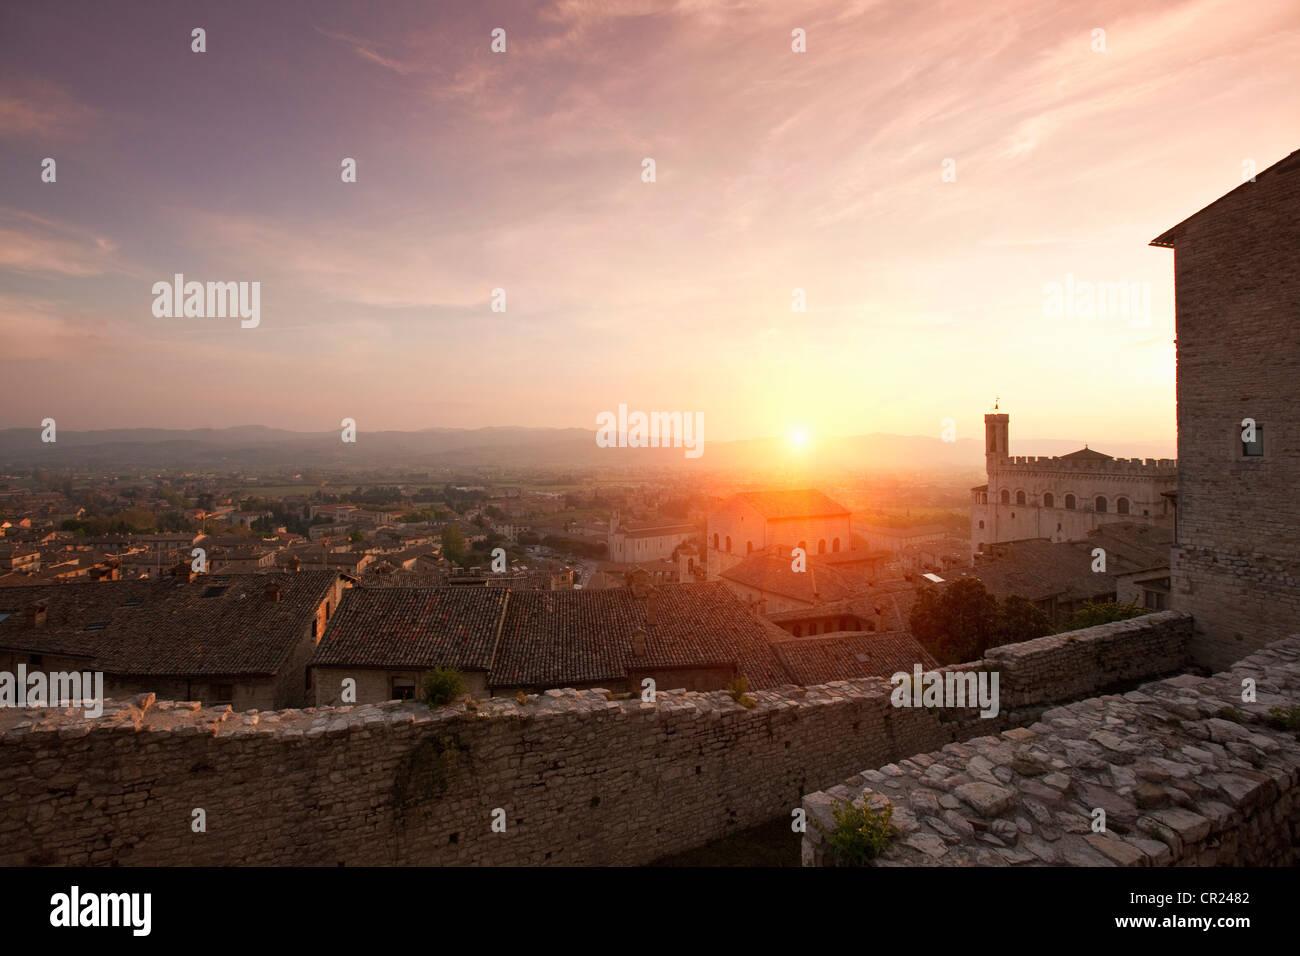 Soleil qui brille sur les murs de la ville en pierre Photo Stock